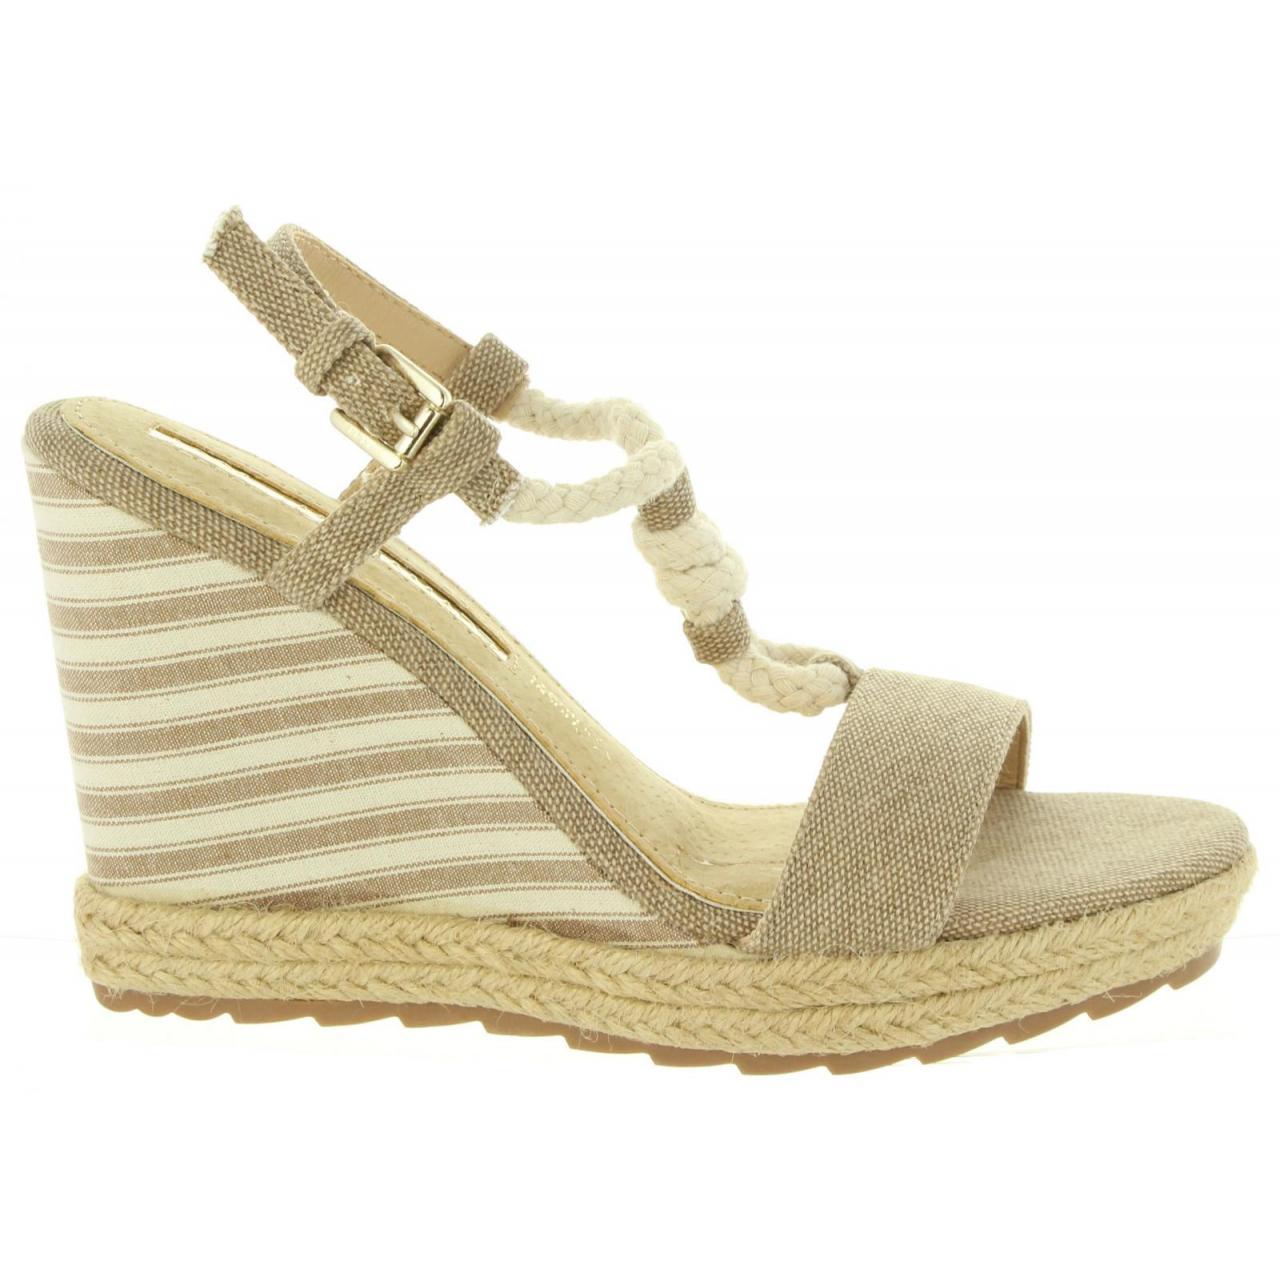 5820191dc82e Dámske letné sandále na platforme Maria Mare G67109 jeans béžové -